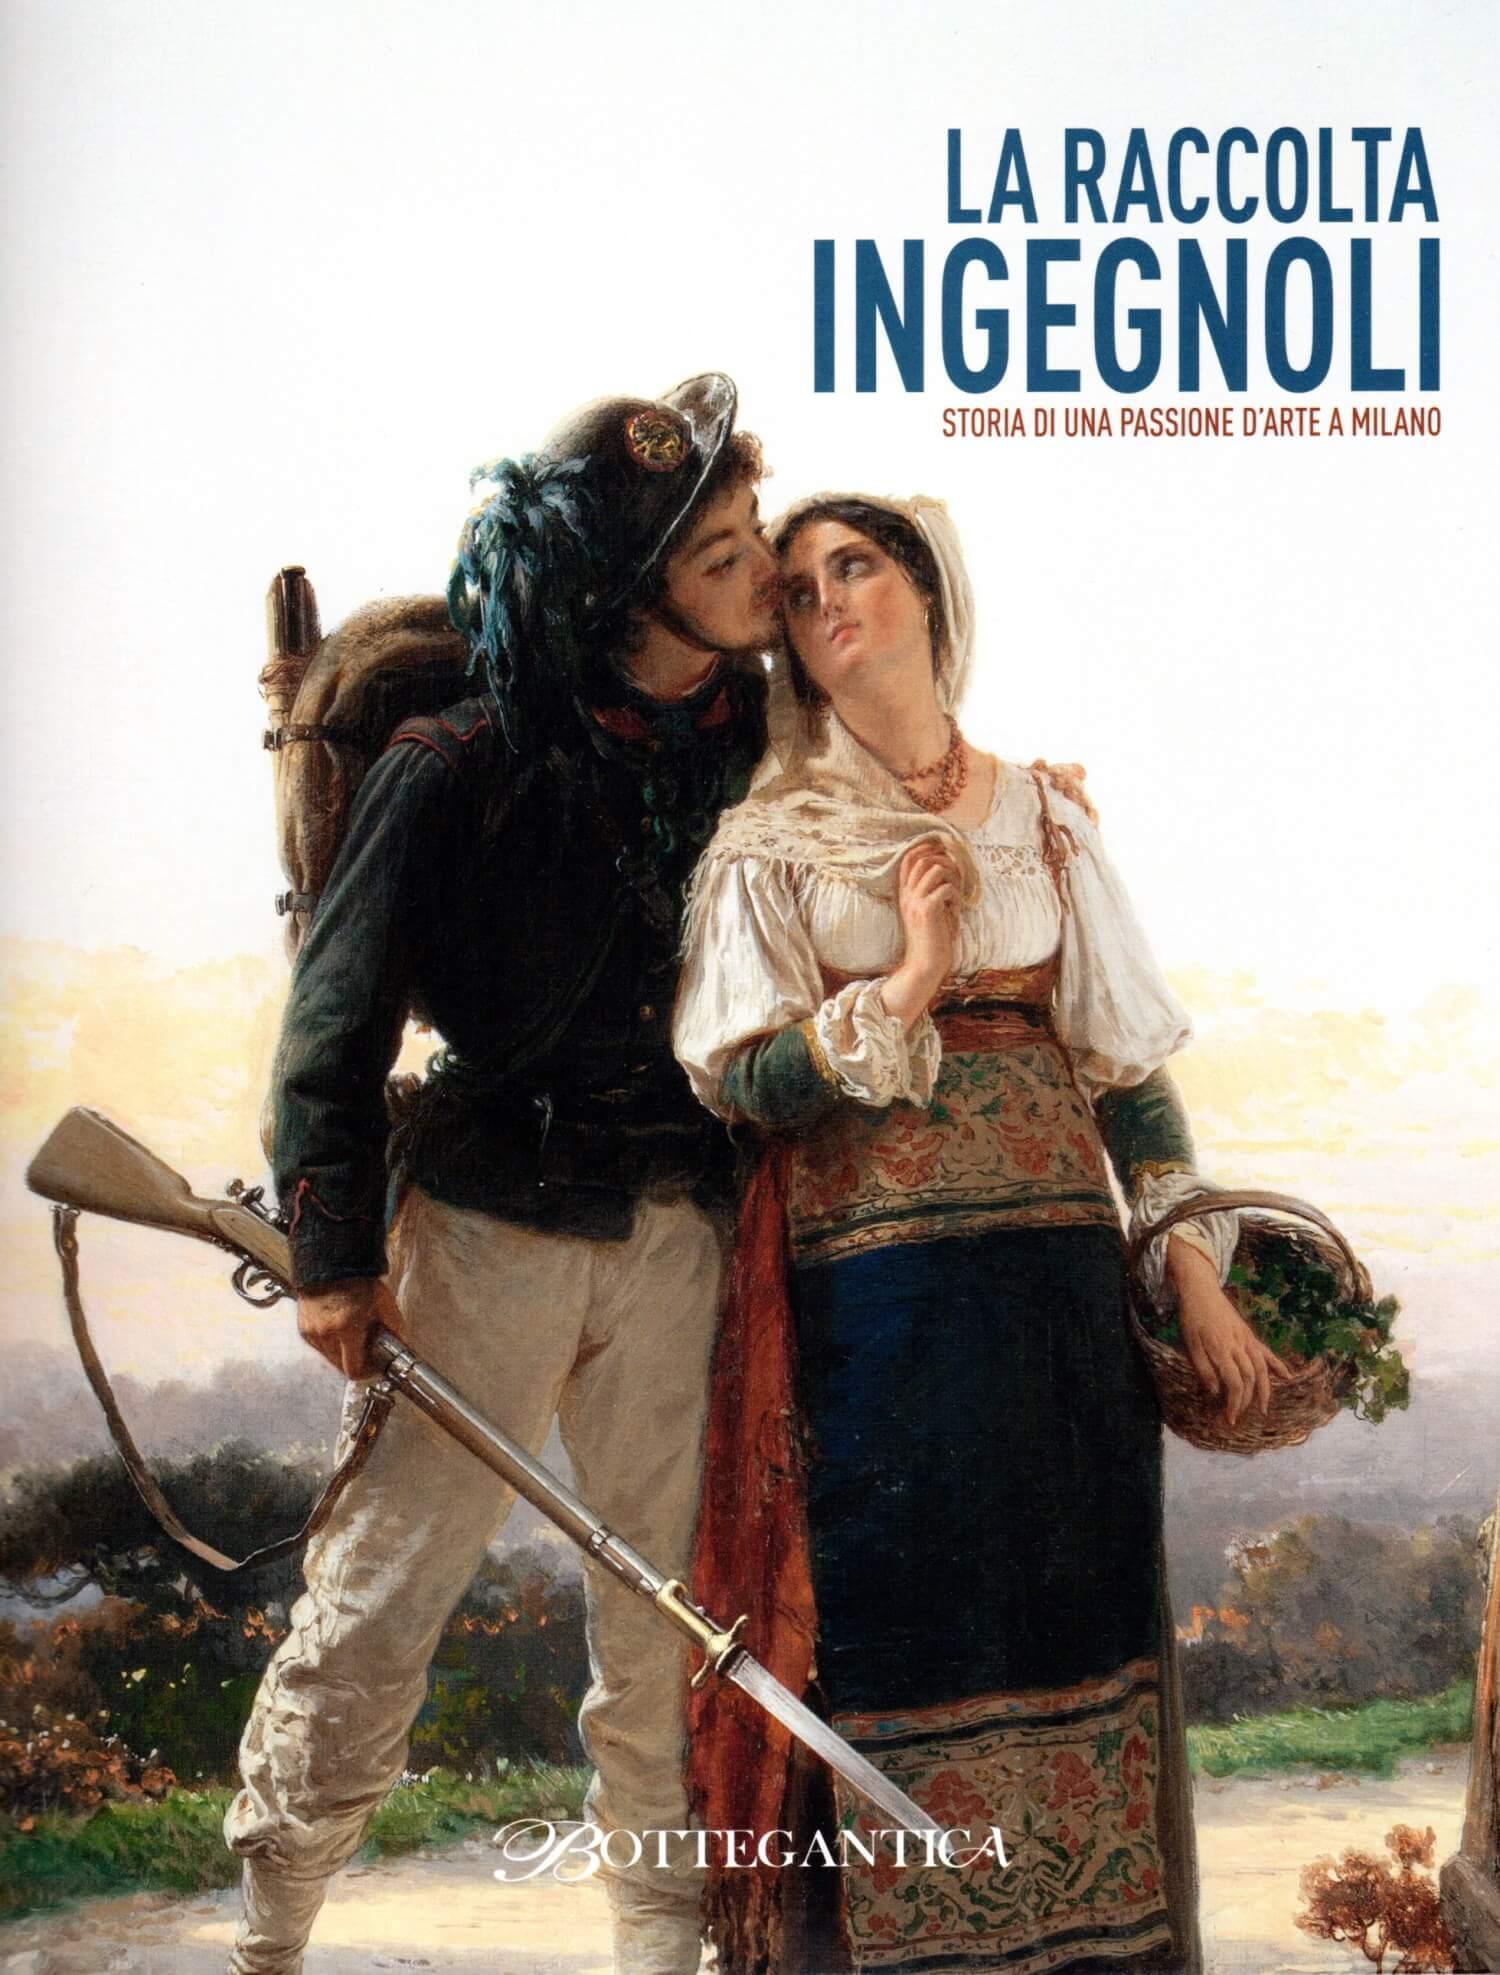 La raccolta Ingegnoli, Storia di una passione d'arte a Milano